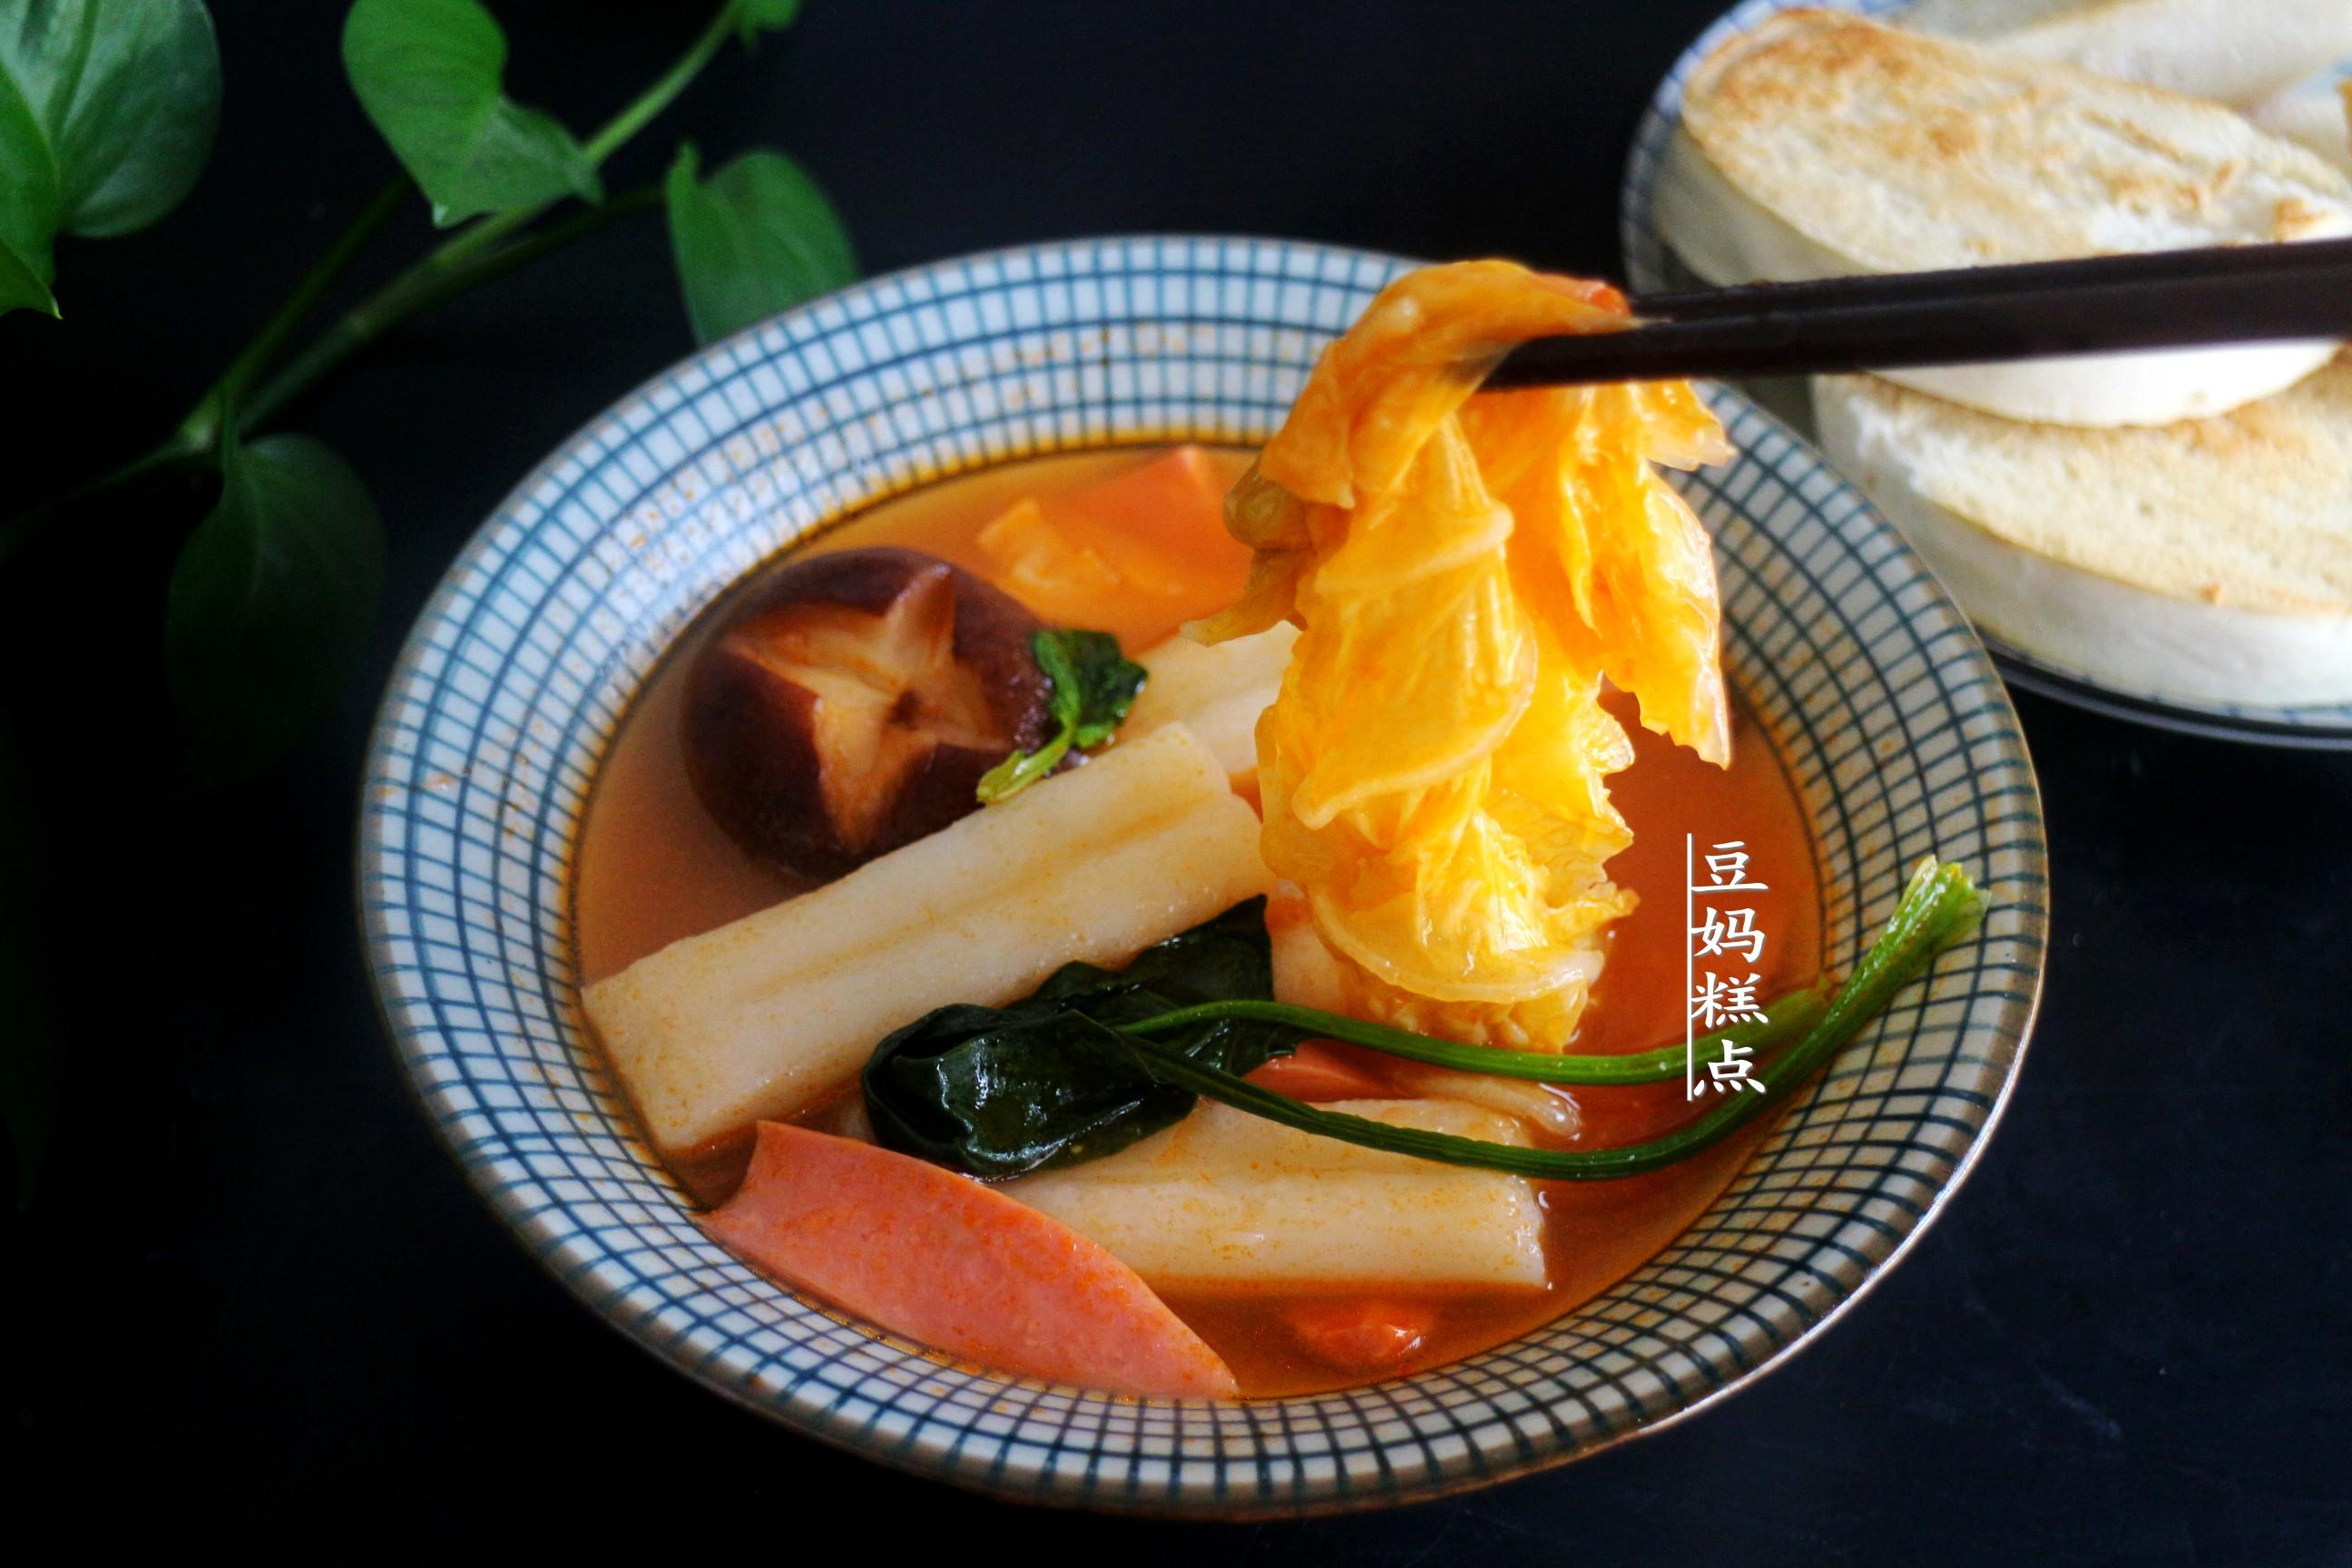 天冷了,用西紅柿煮蔬菜濃湯,酸香開胃,兒子每次2大碗